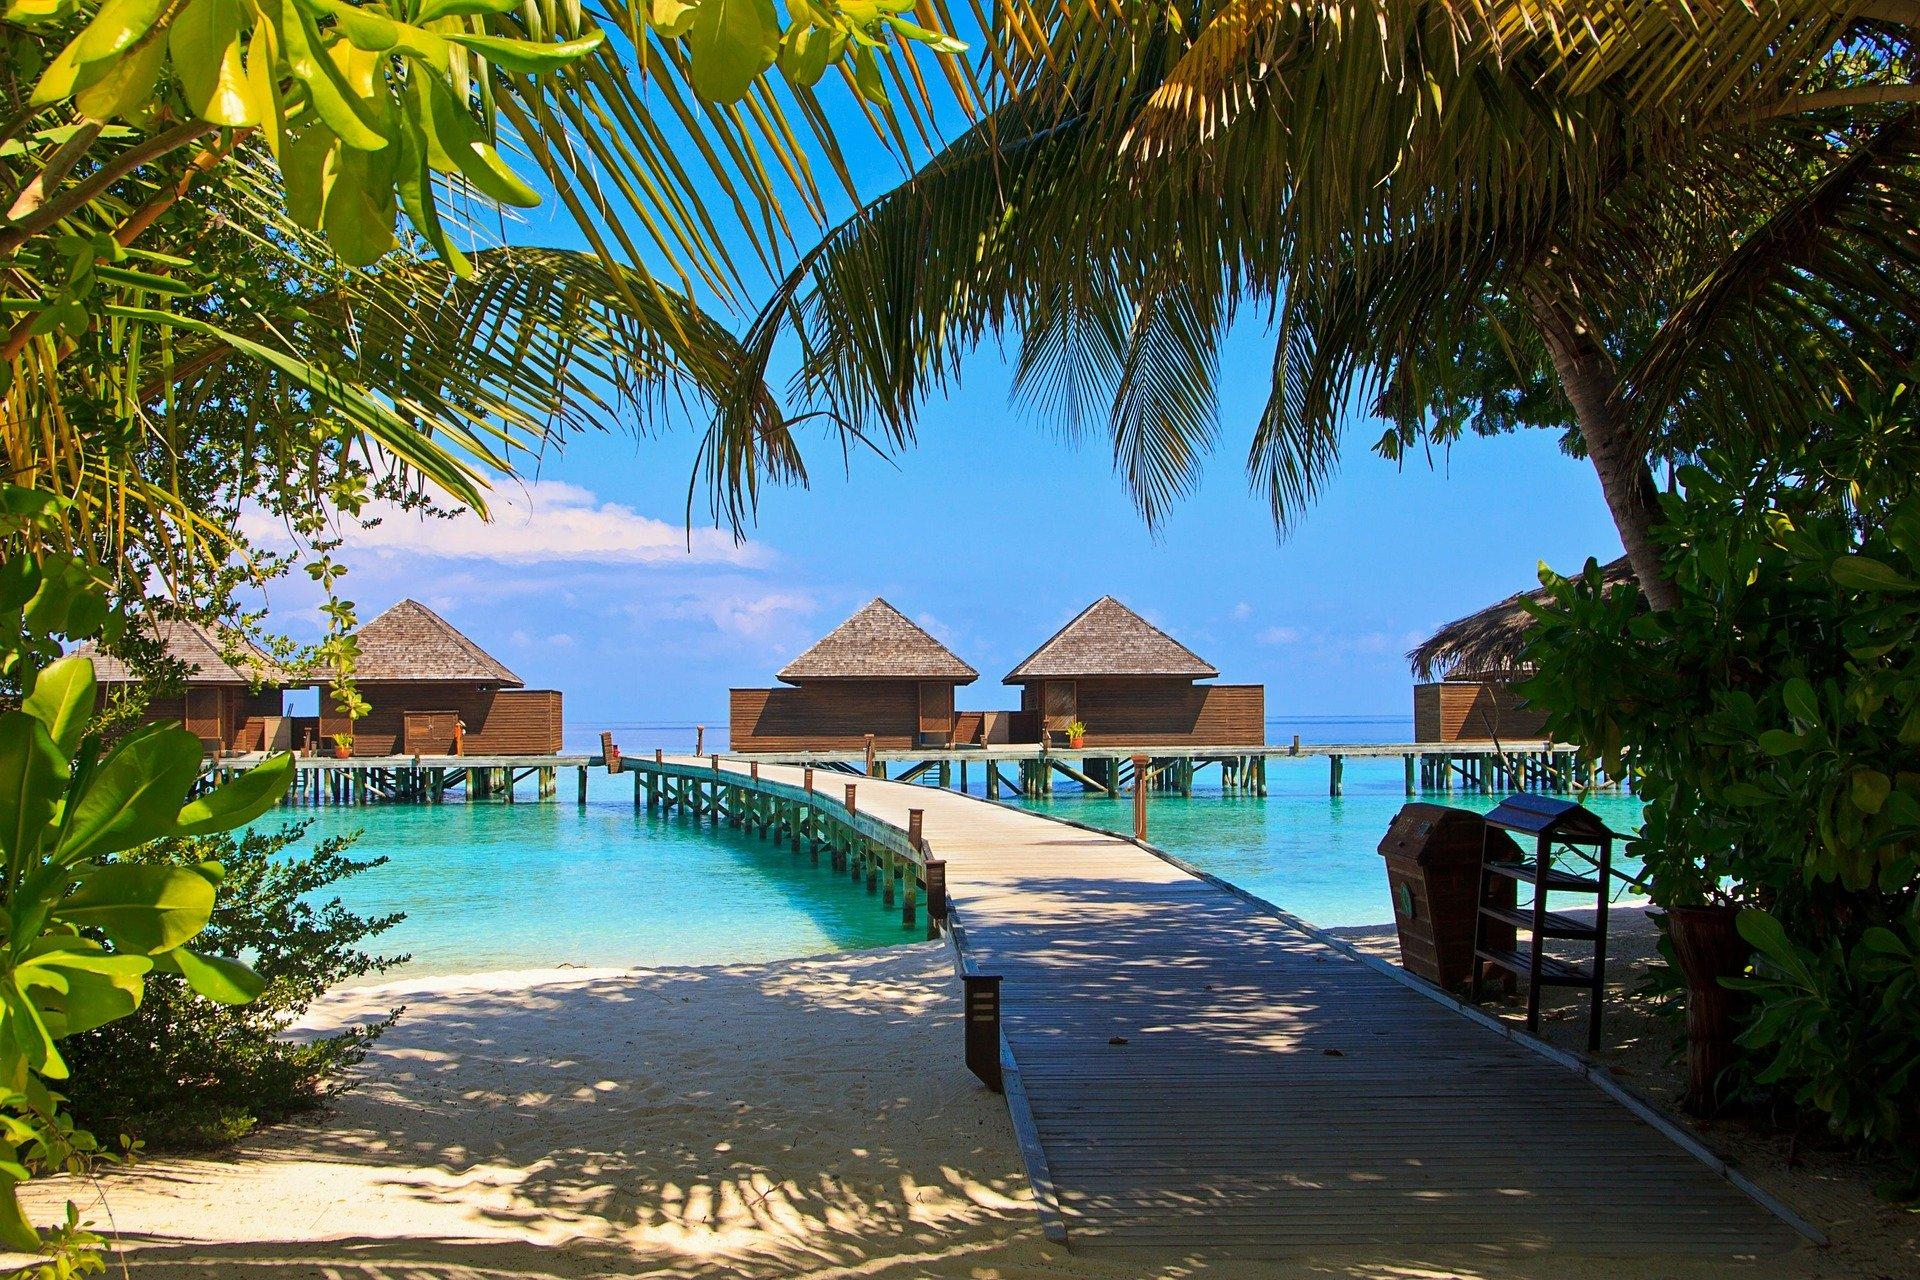 viaggio maldive cosa vedere